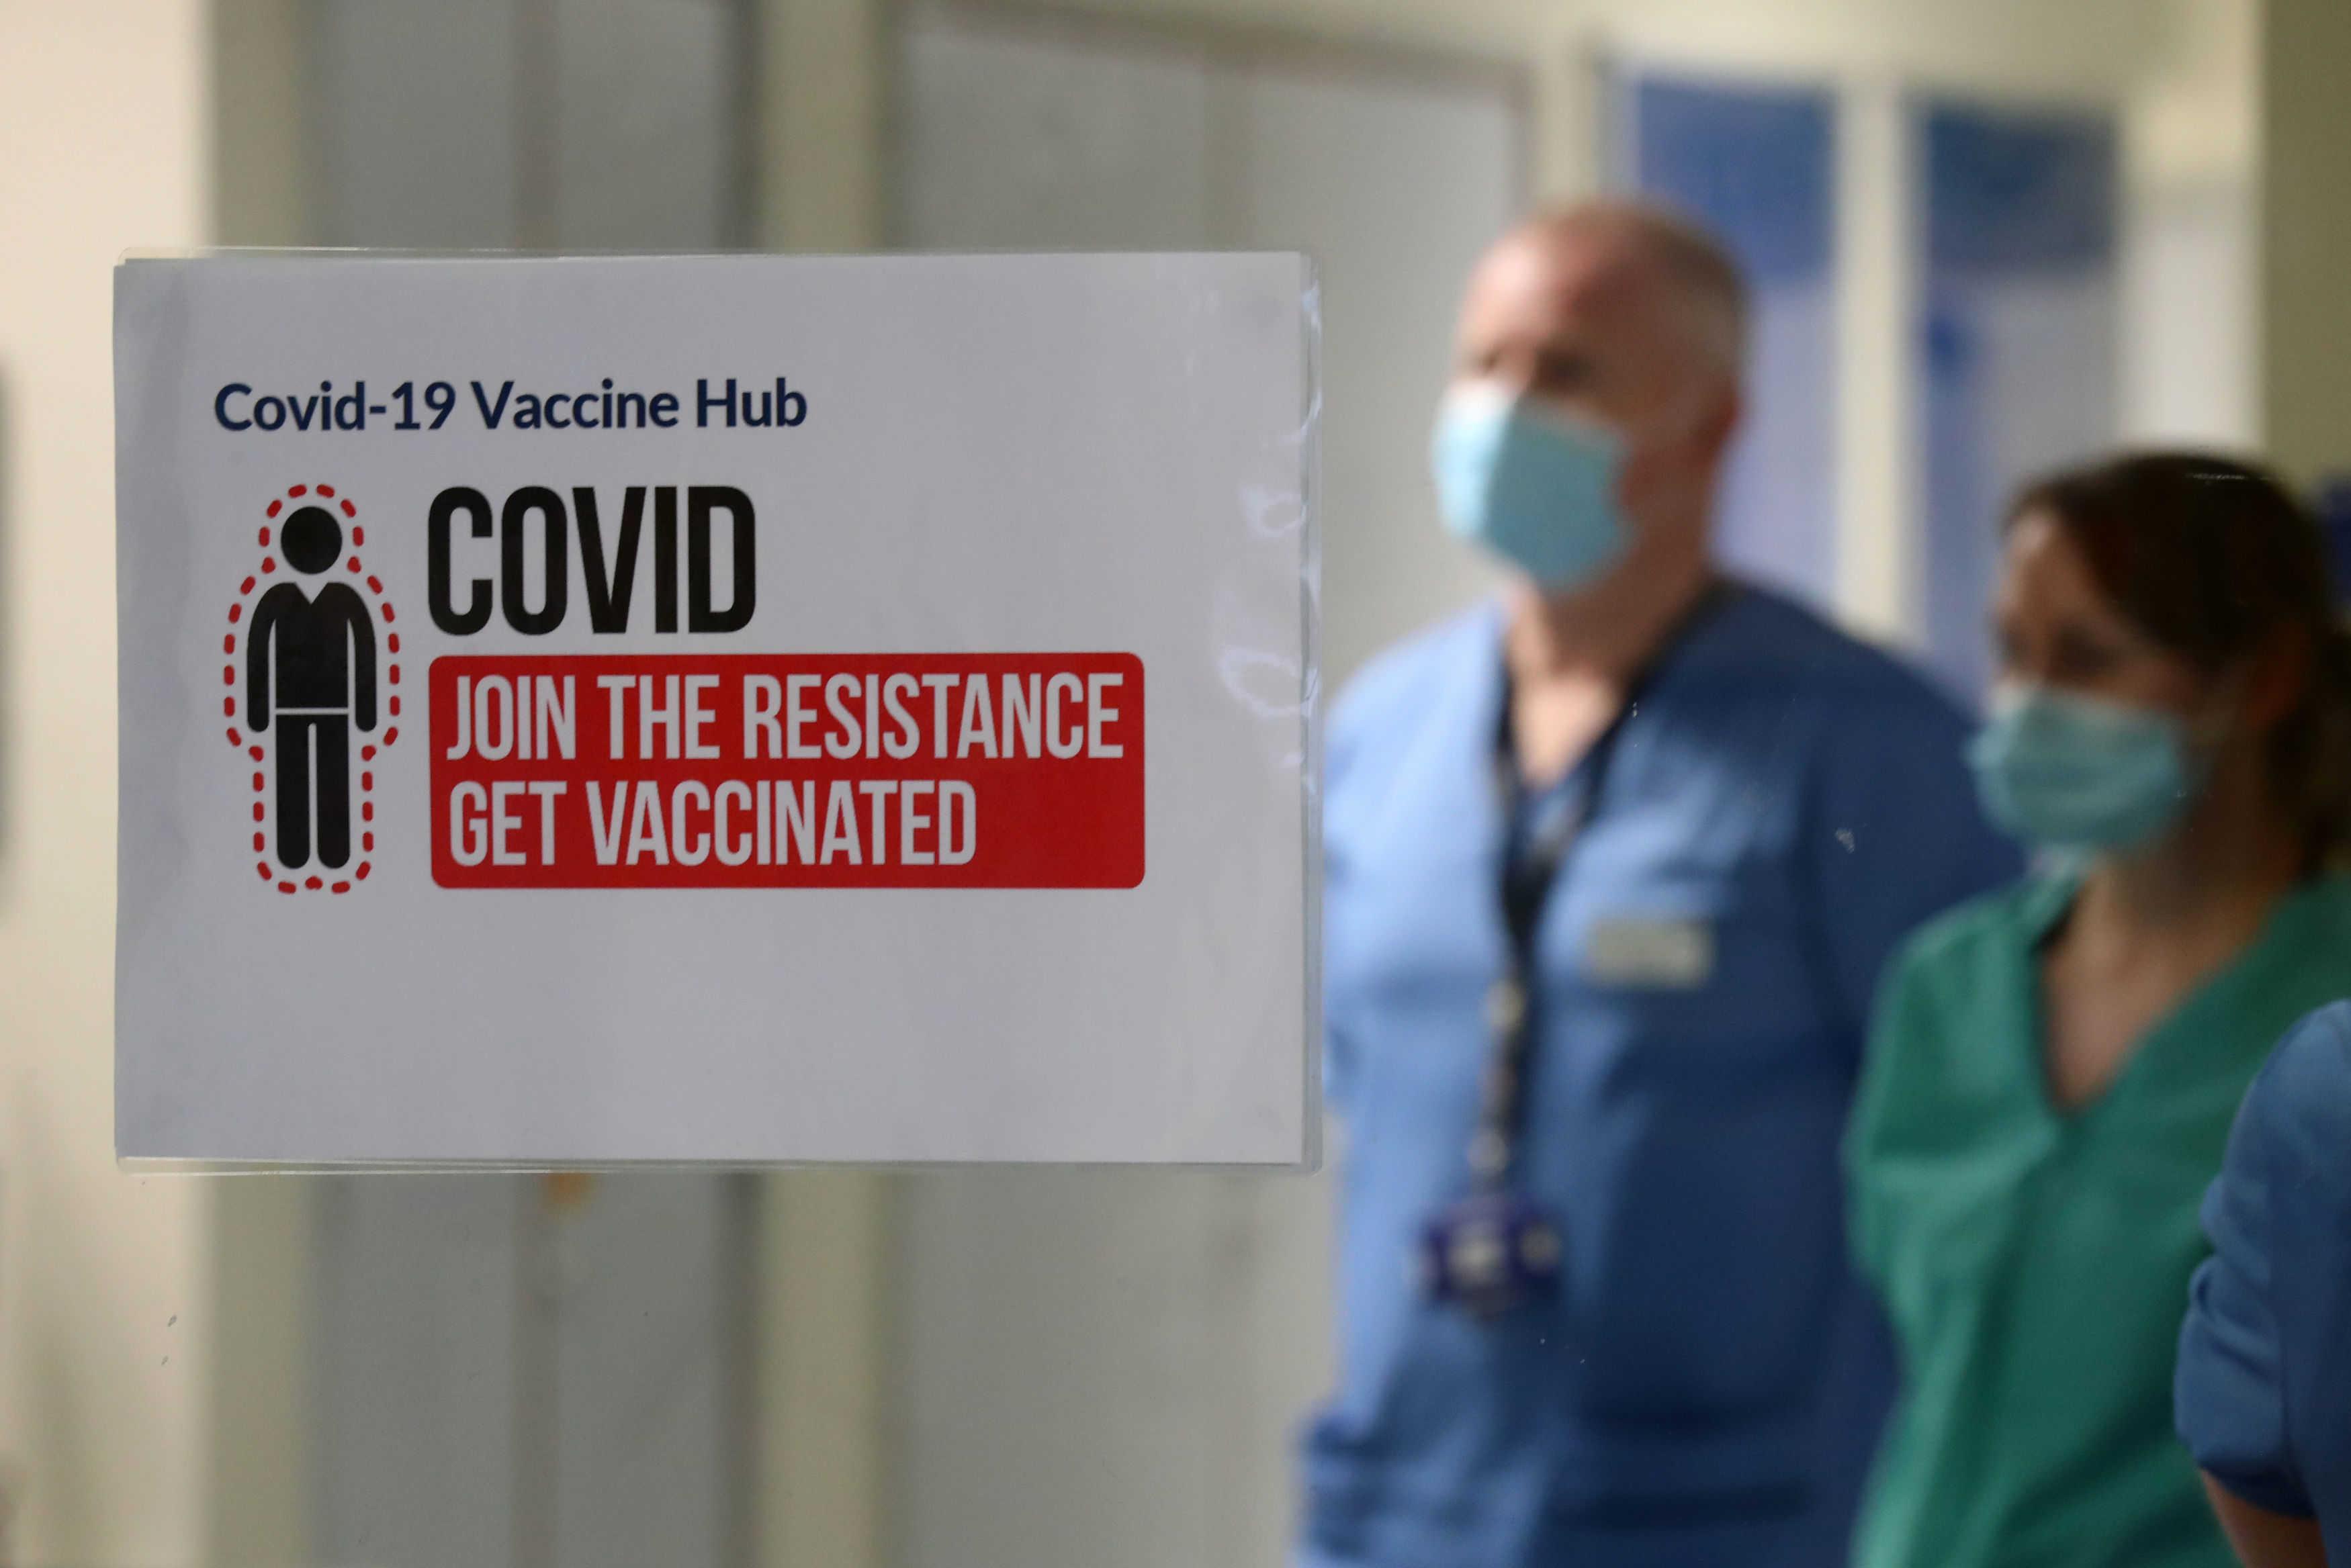 المملكة المتحدة تسجل أكثر من  ألف إصابة جديدة بفيروس  كورونا